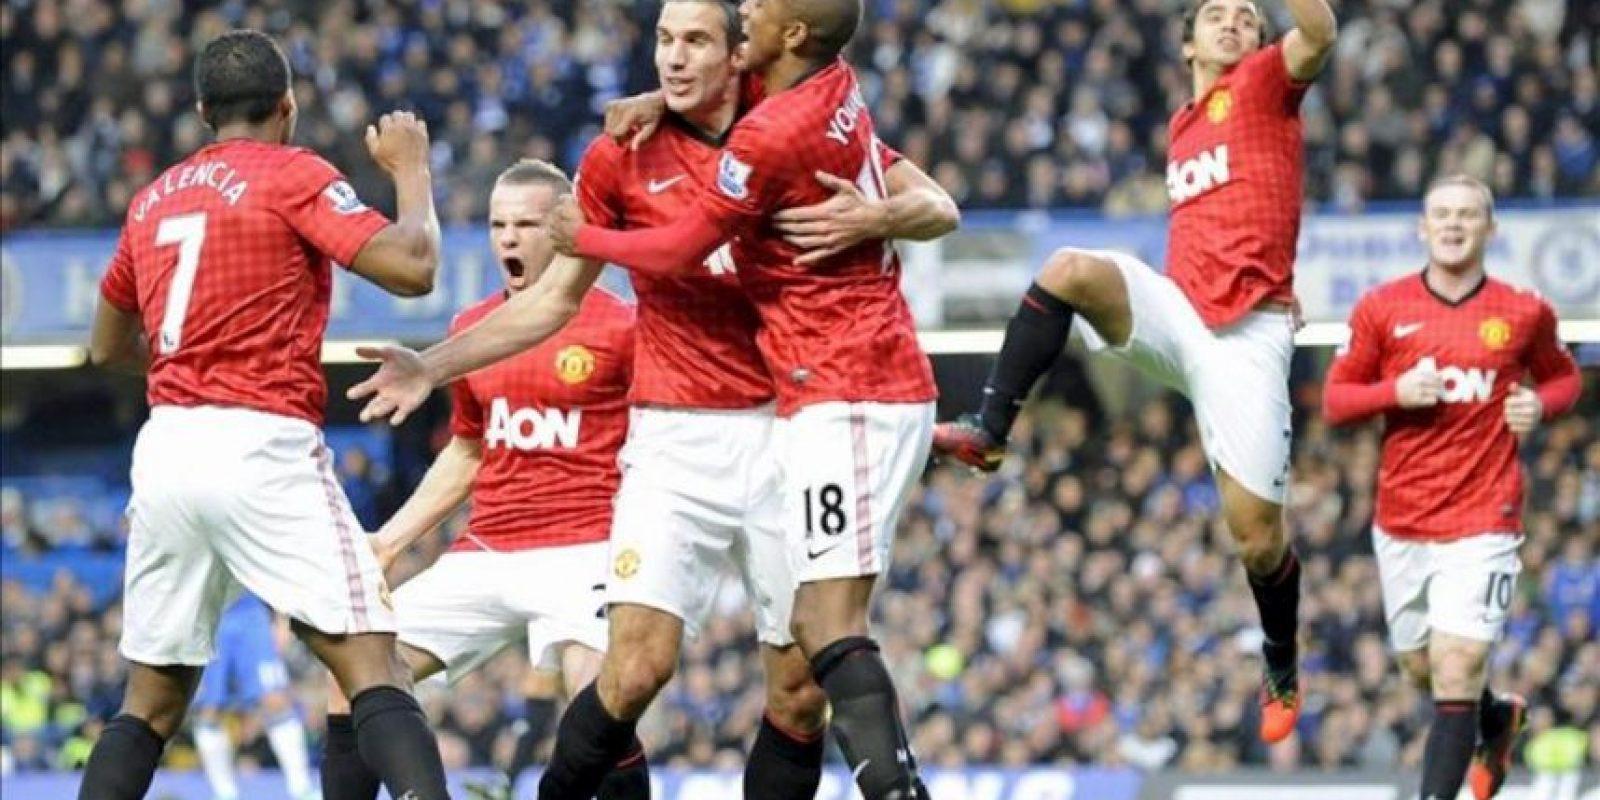 Los jugadores del Manchester United celebran uno de los goles al Chelsea en Stamford Bridge. EFE